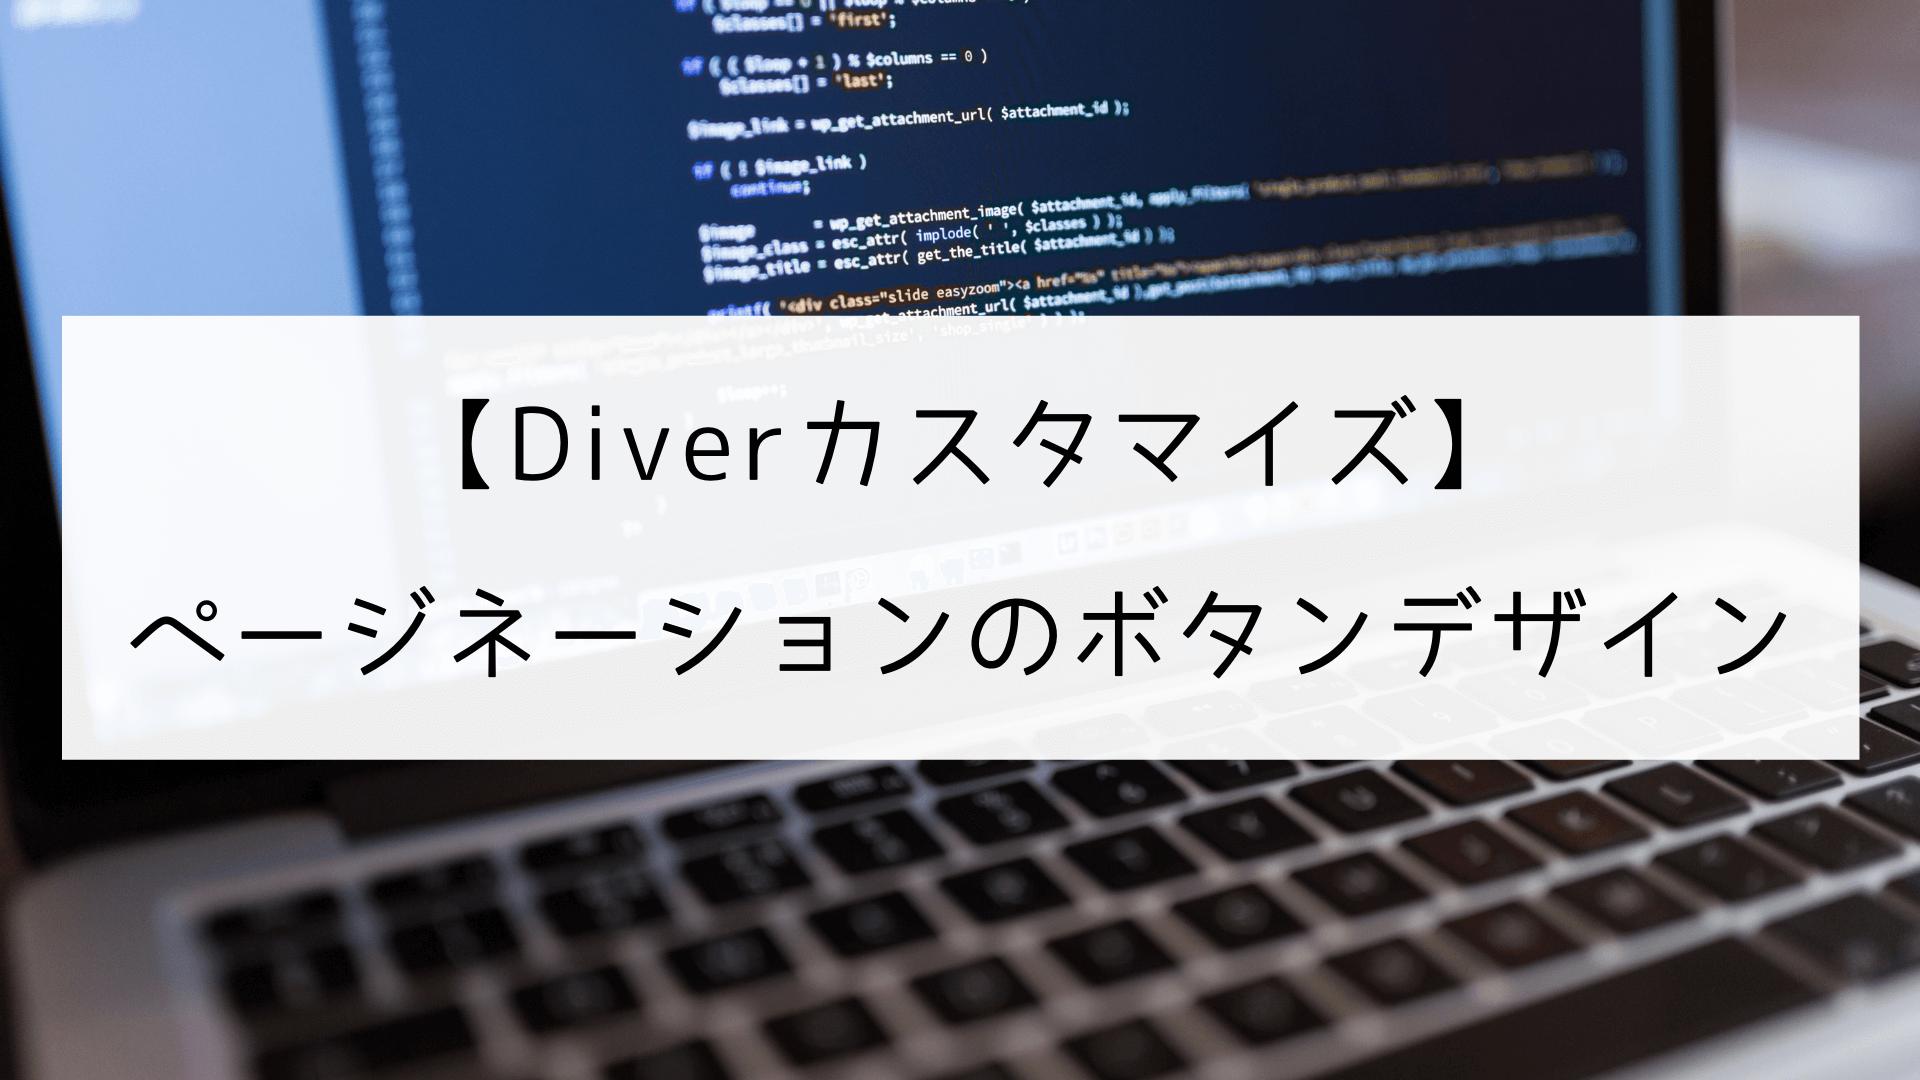 【プチカスタマイズ】人気WordPressテーマ「Diver」のページネーションの形を変える方法